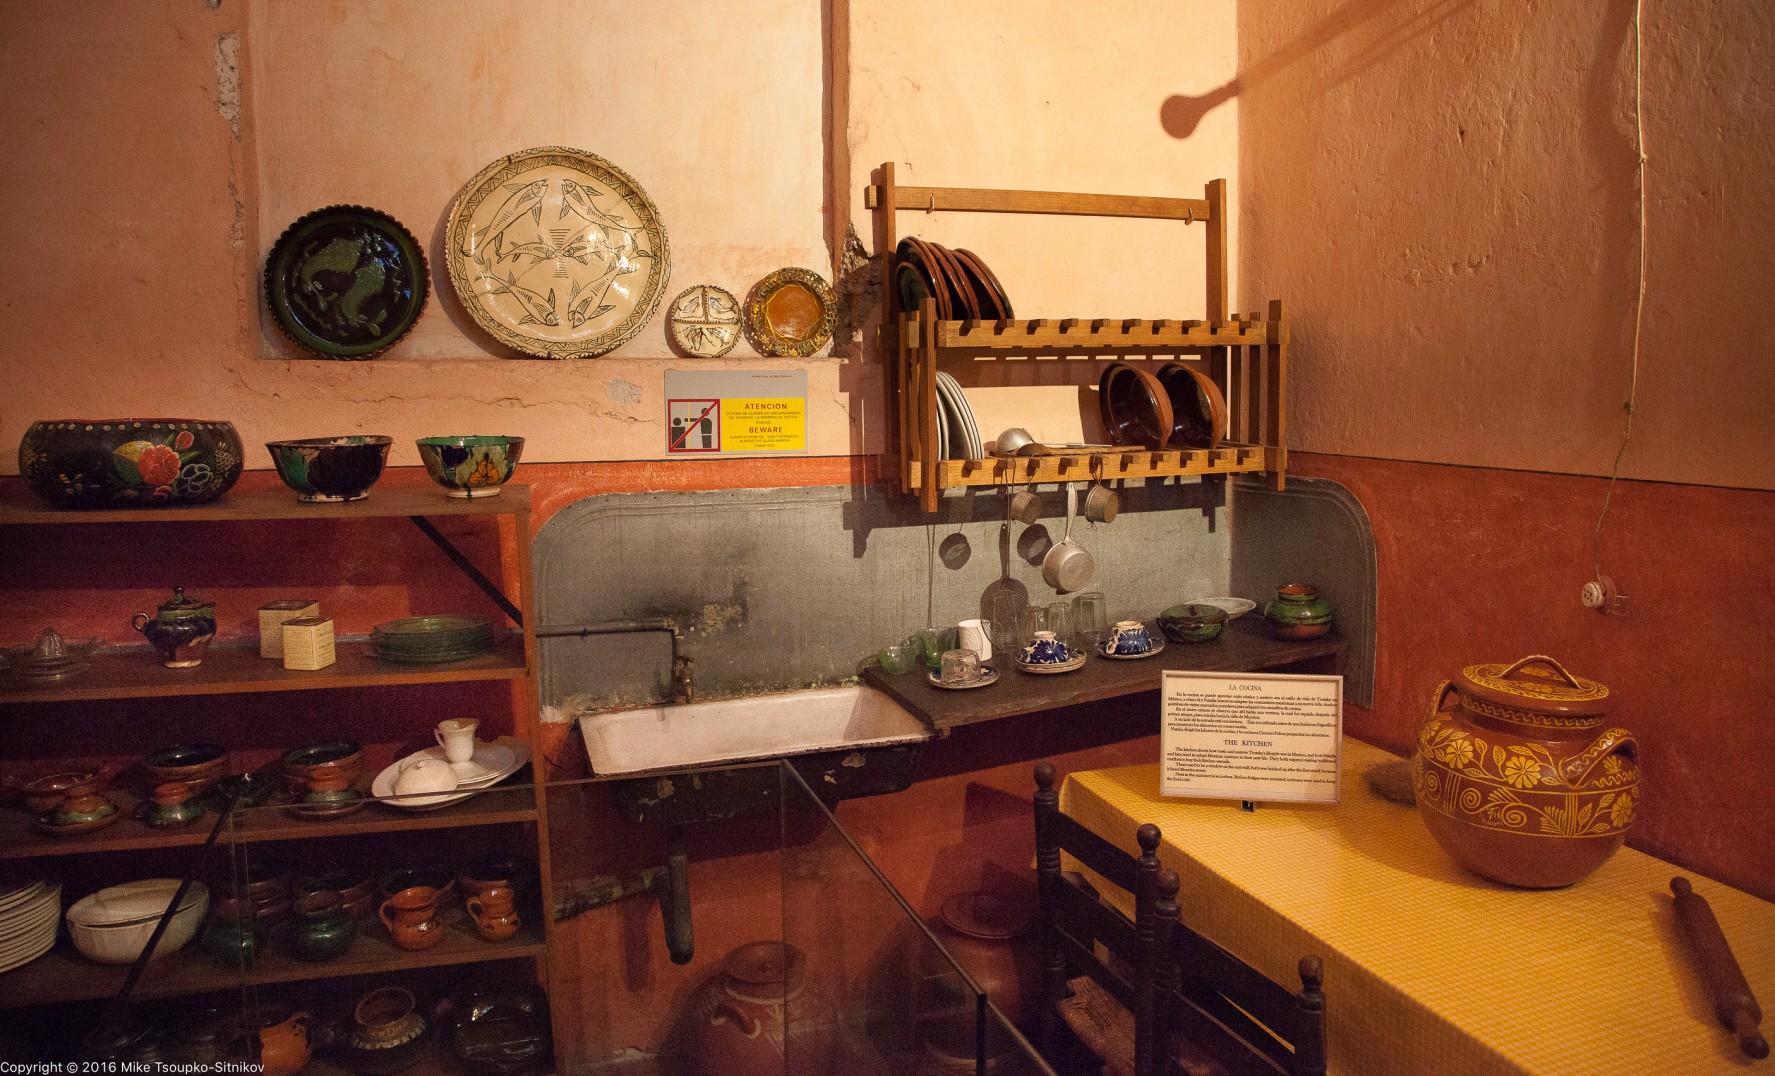 Trotsky house: the kitchen